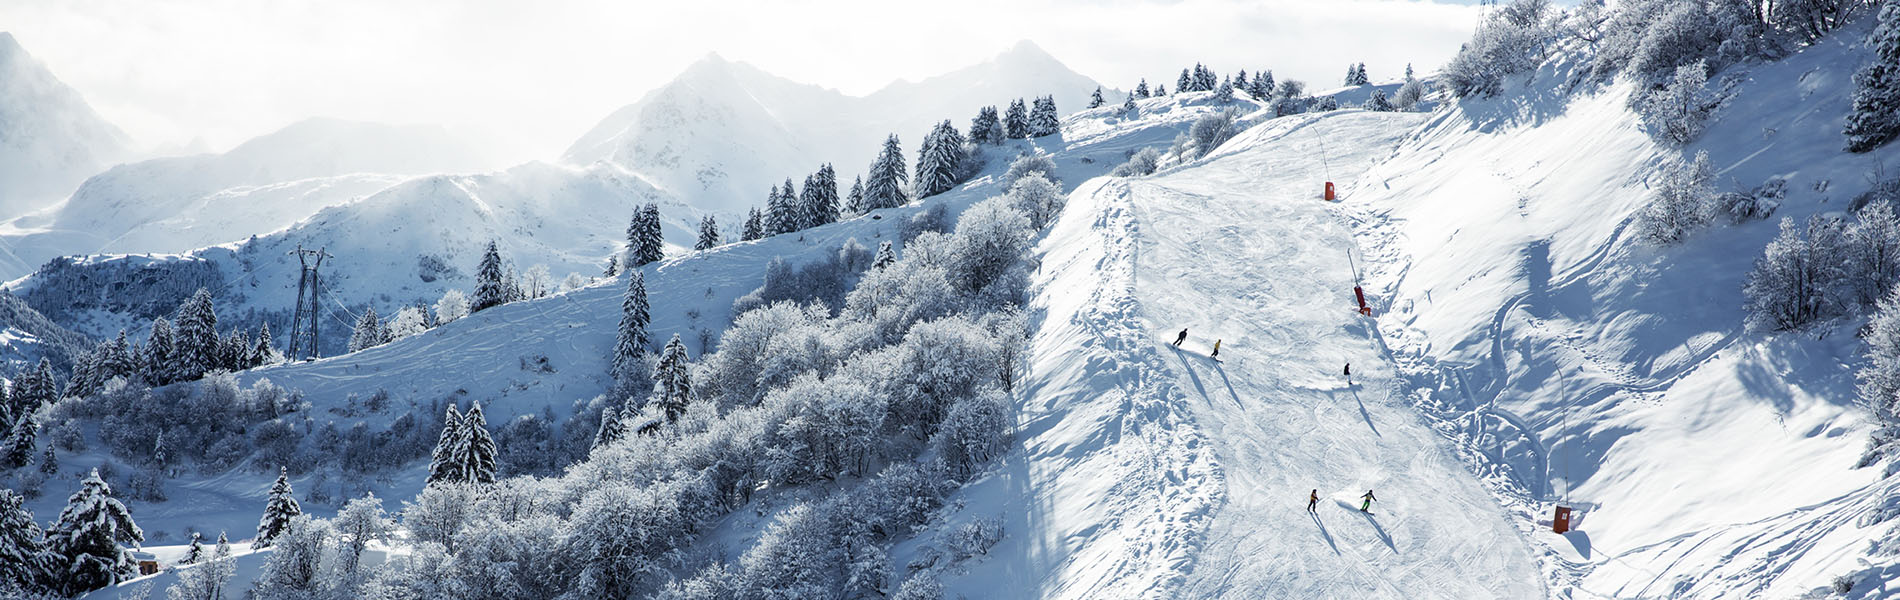 Des vacances au ski incroyables